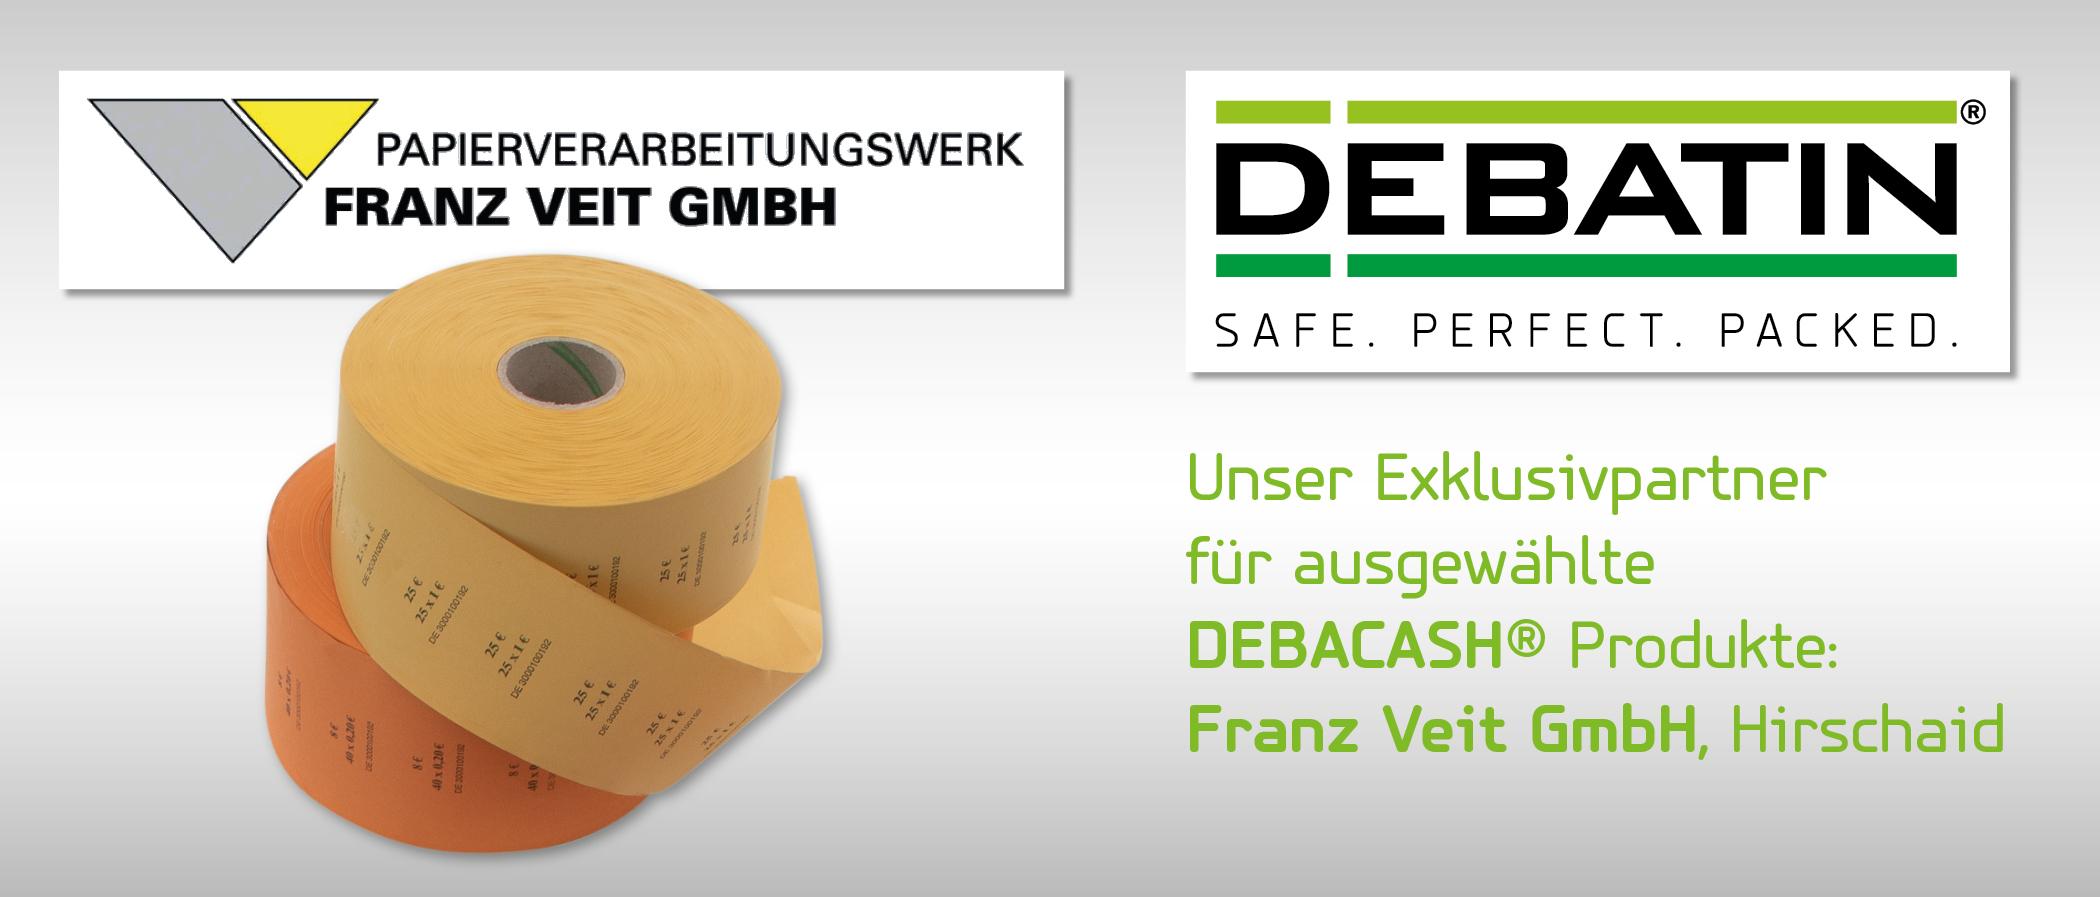 Debatin_Header_DebaChash_FranzVeit